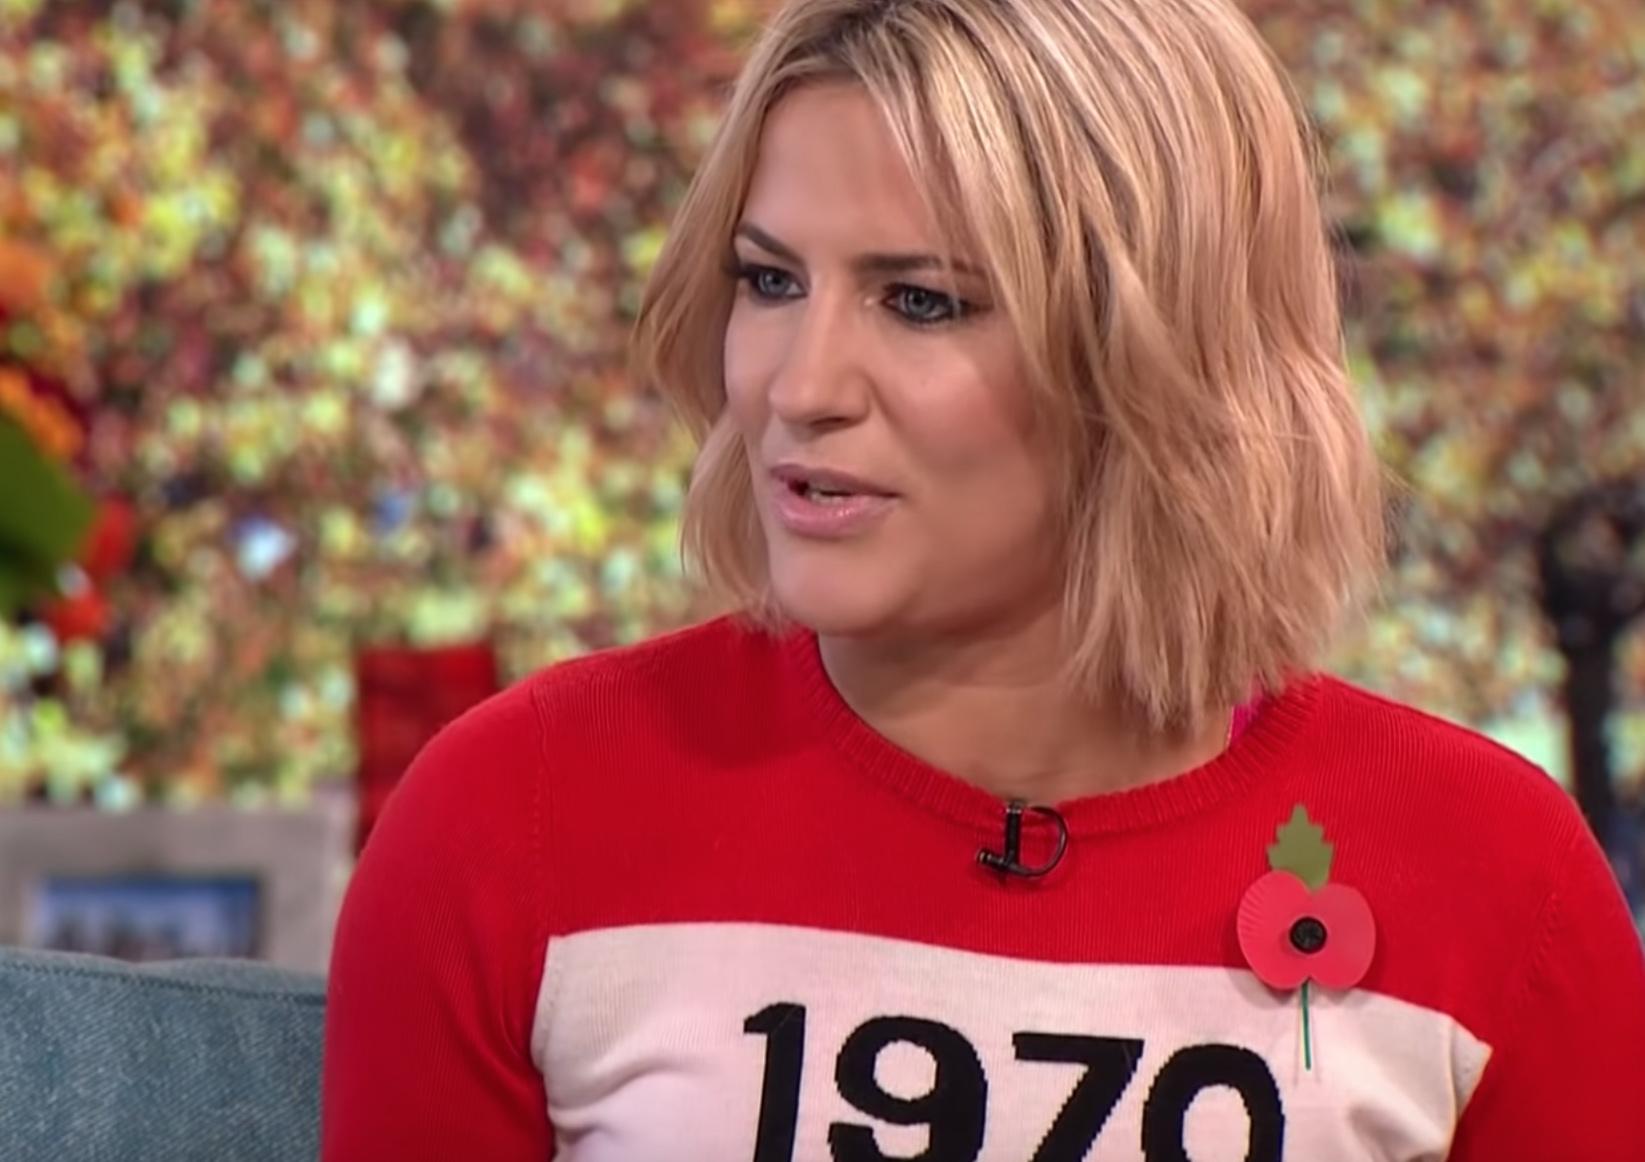 Caroline Flack halála után több mint egymillióan írták alá a celebek magánéletének törvényi védelmét sürgető brit petíciókat